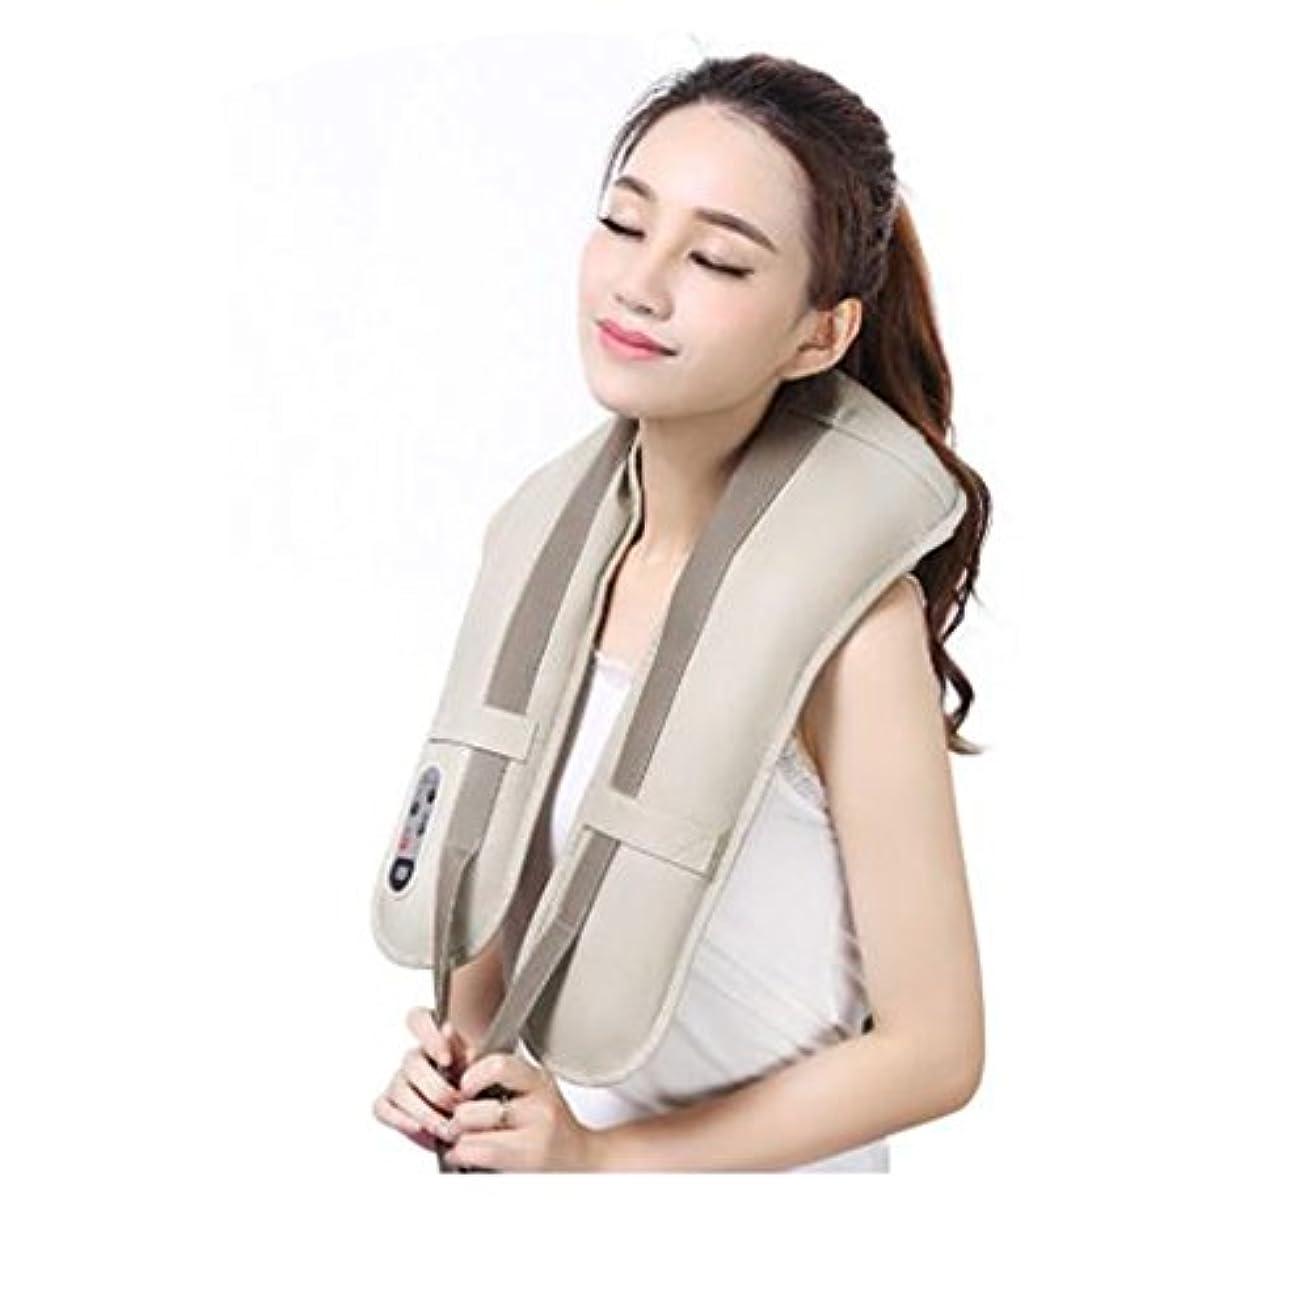 シャンプータワーポルノホットネックマッサージャーポータブル電気パーカッション頸部マッサージショールの痛みの首と肩の多機能タップマッサージャー (色 : A)